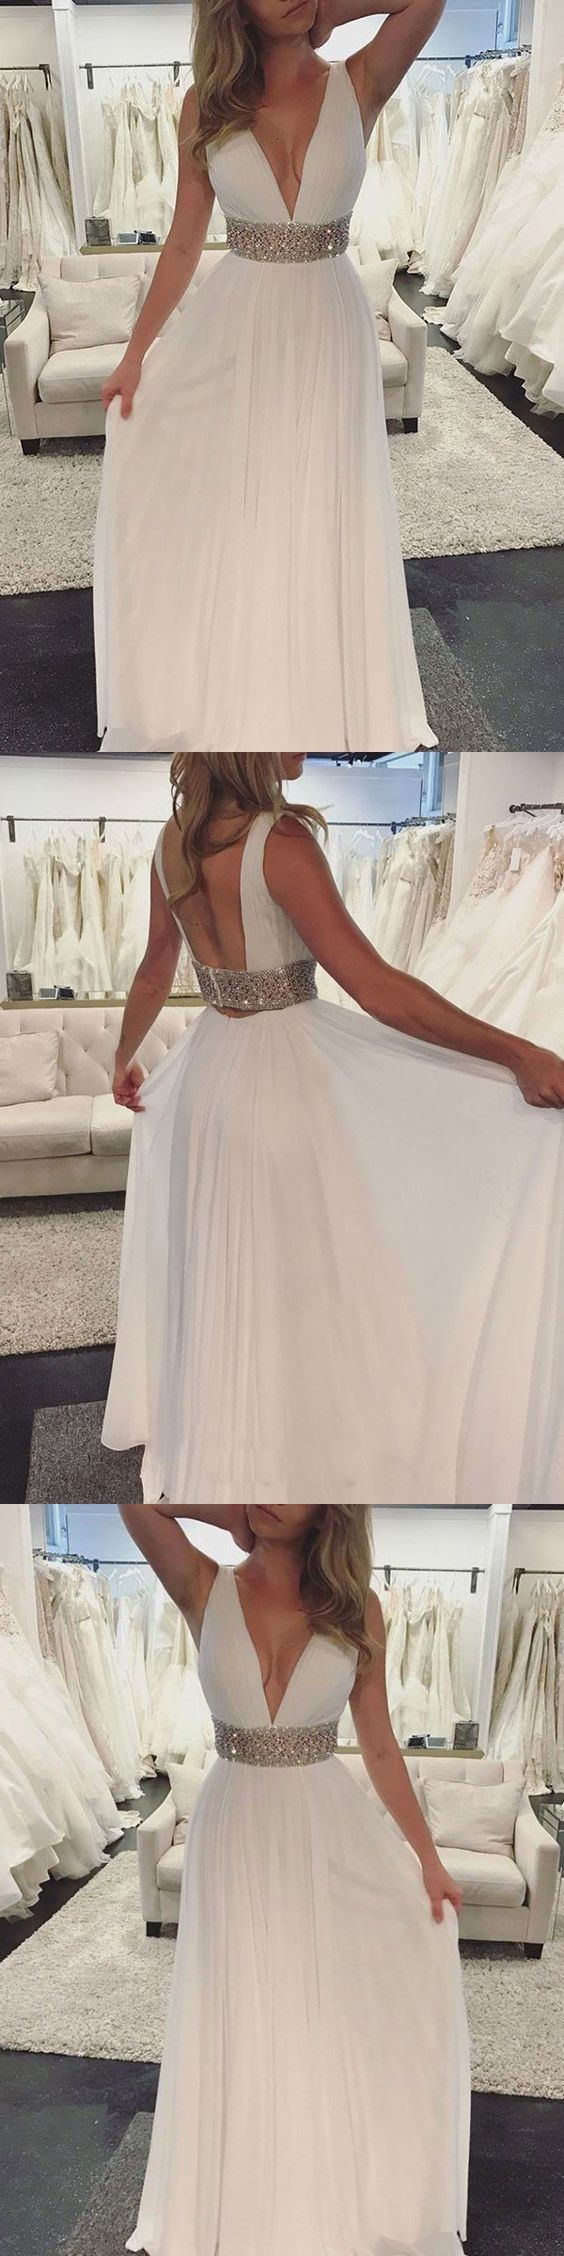 23b8e653f9a Chic A Line Prom Dress Modest Chiffon Cheap Long Prom Dress M1362 ...